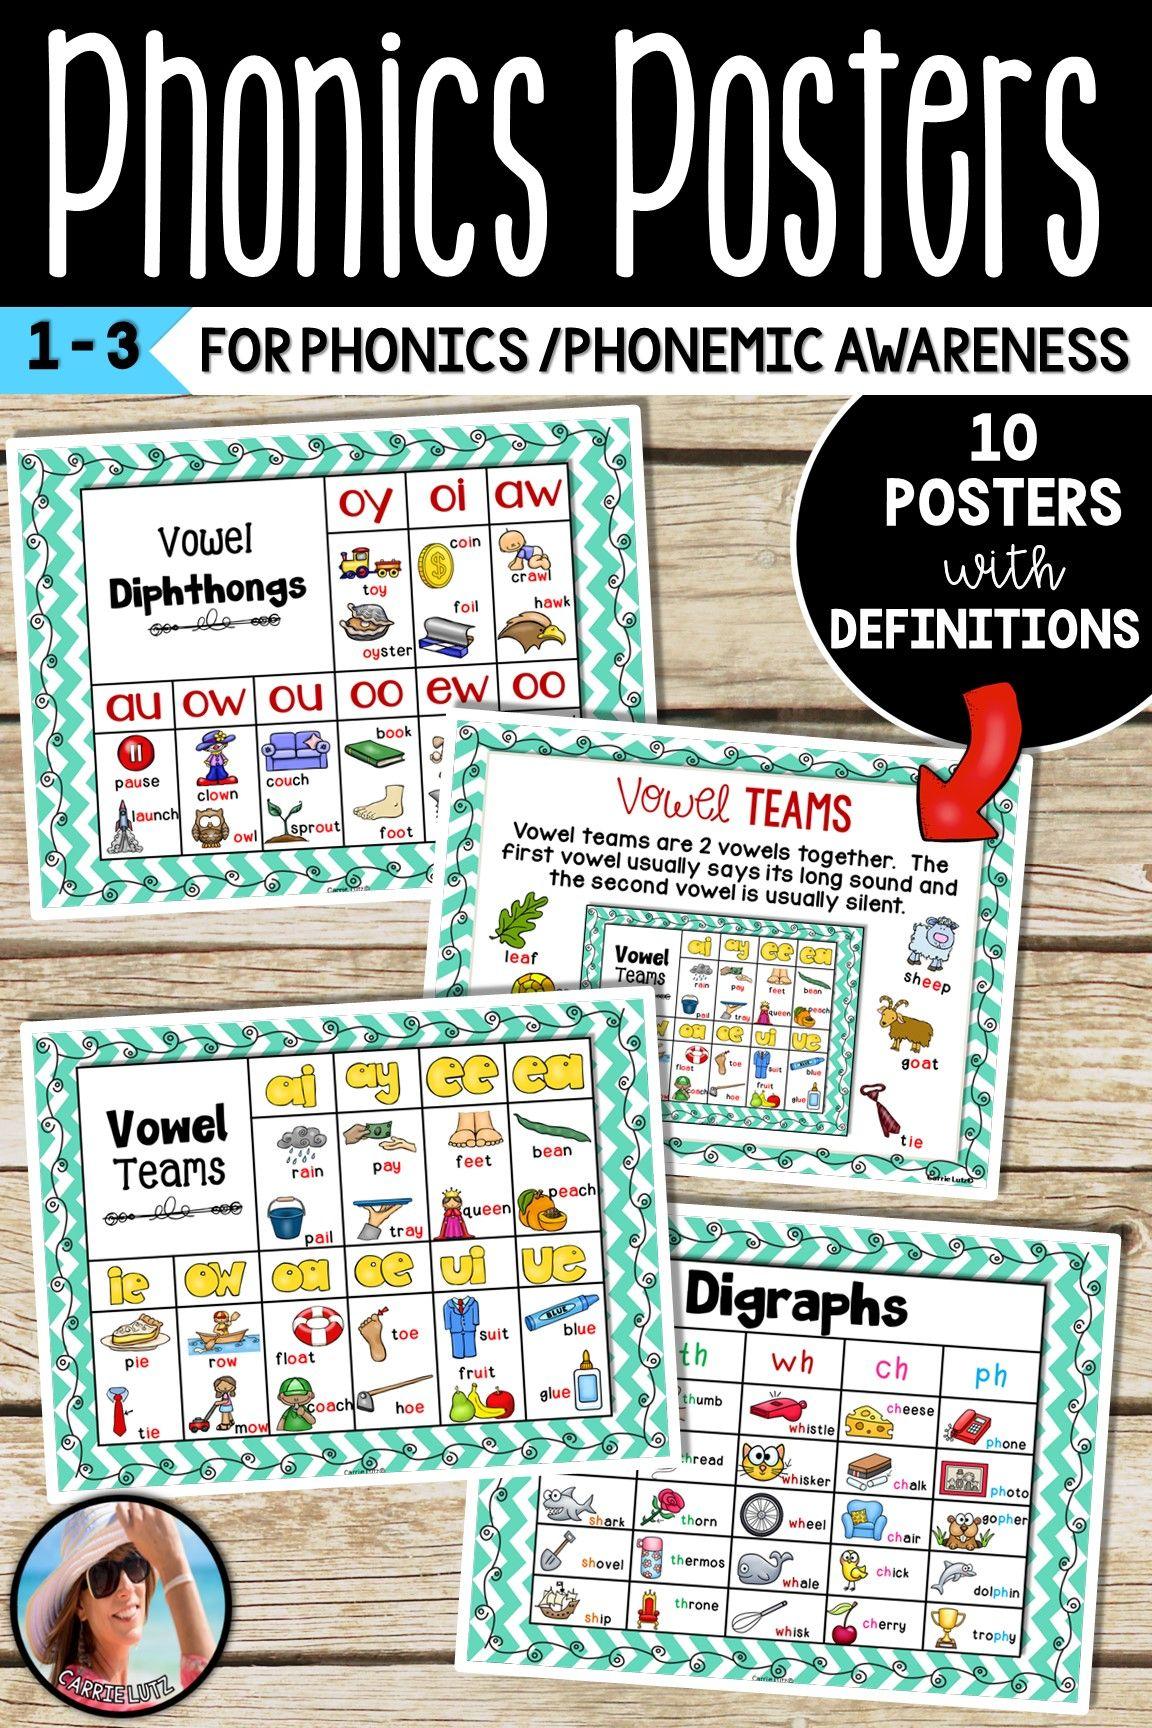 Phonics Posters Turquoise Chevron